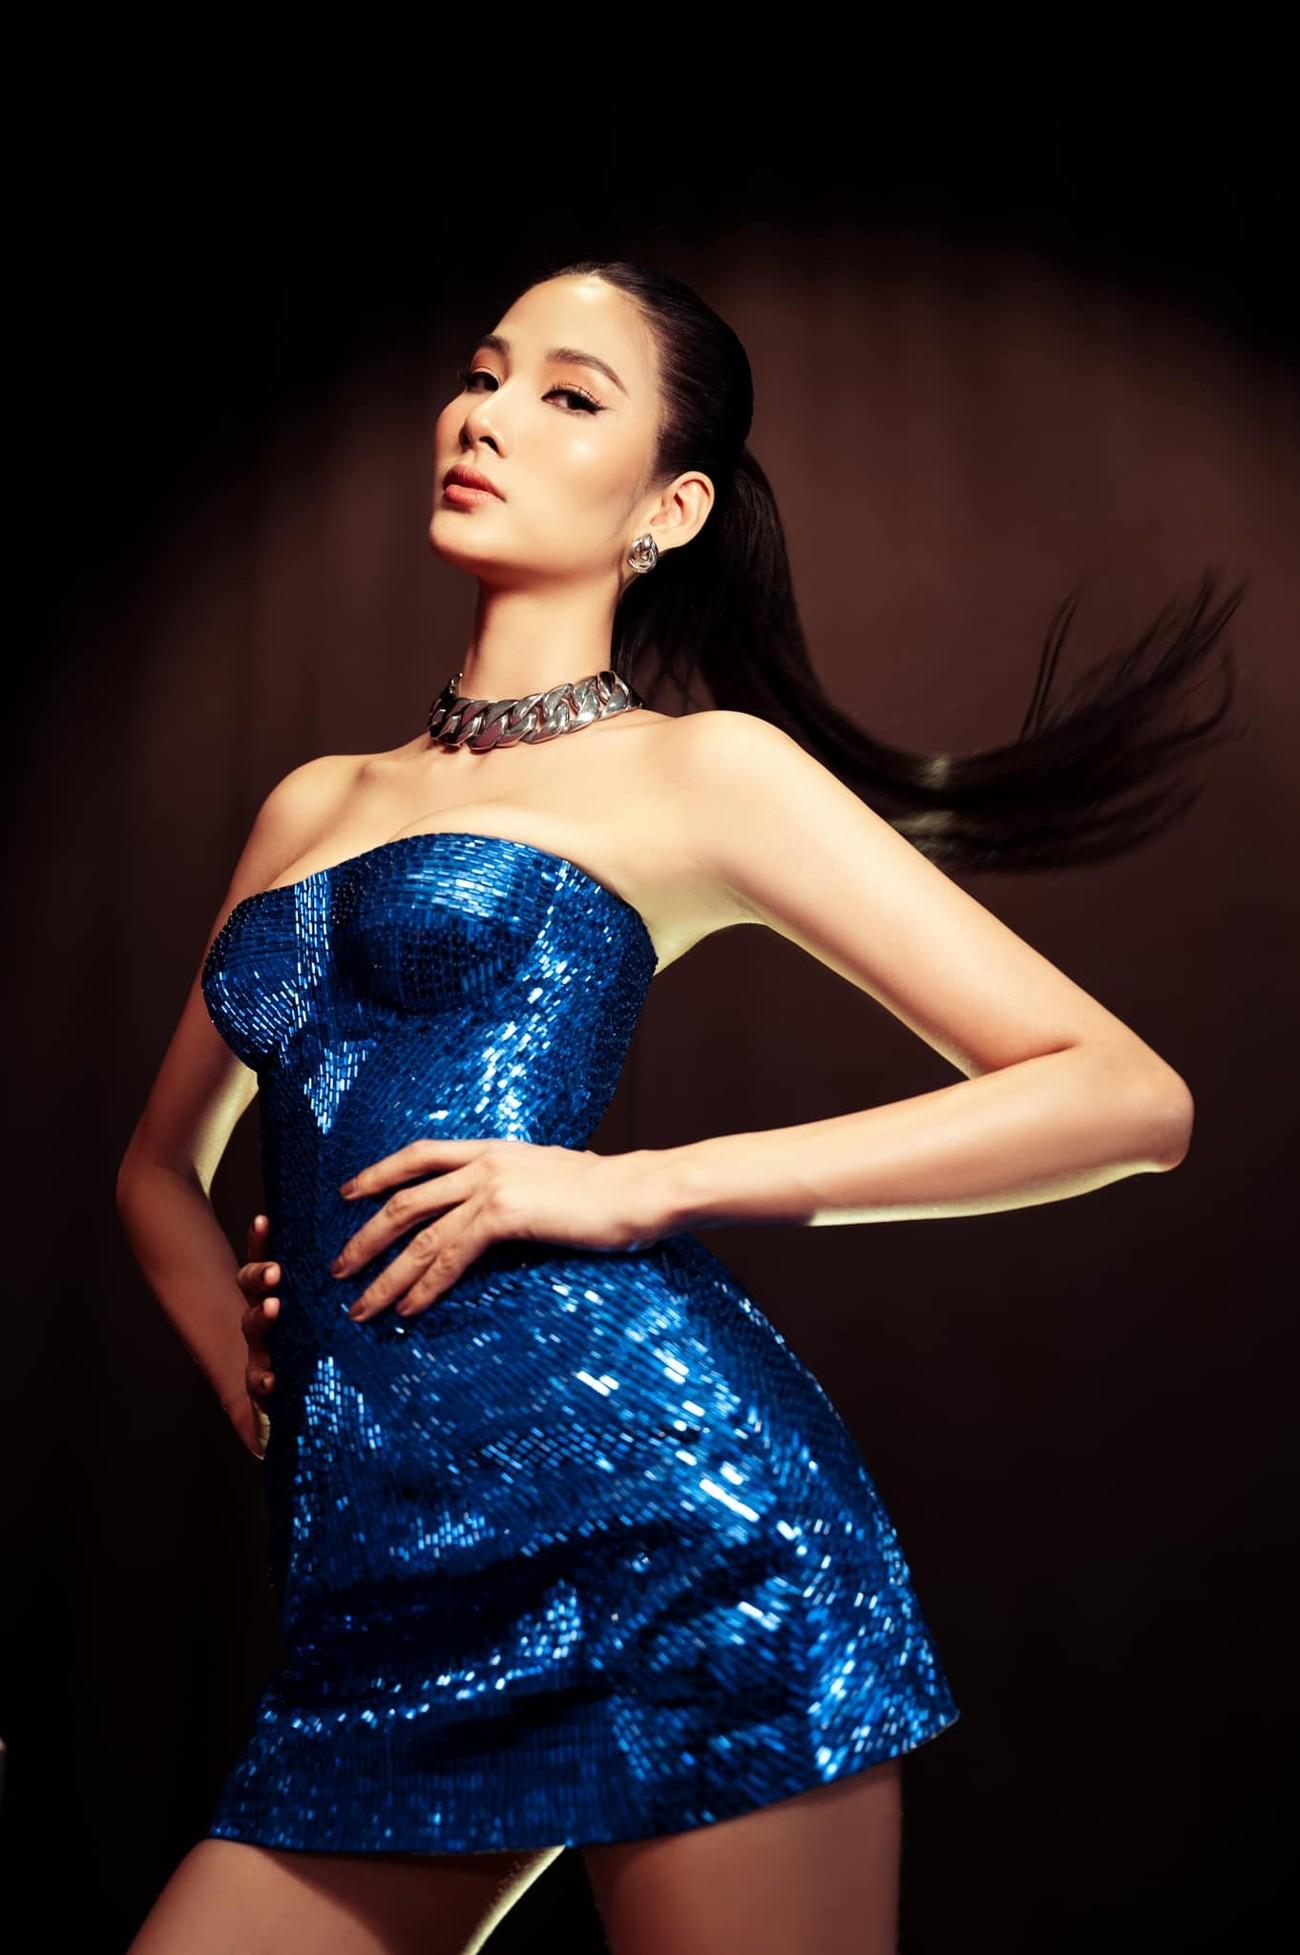 'Đụng hàng' chiếc váy xanh cúp ngực sexy, Hoàng Thuỳ-Minh Tú đẹp 'bất phân thắng bại' ảnh 1